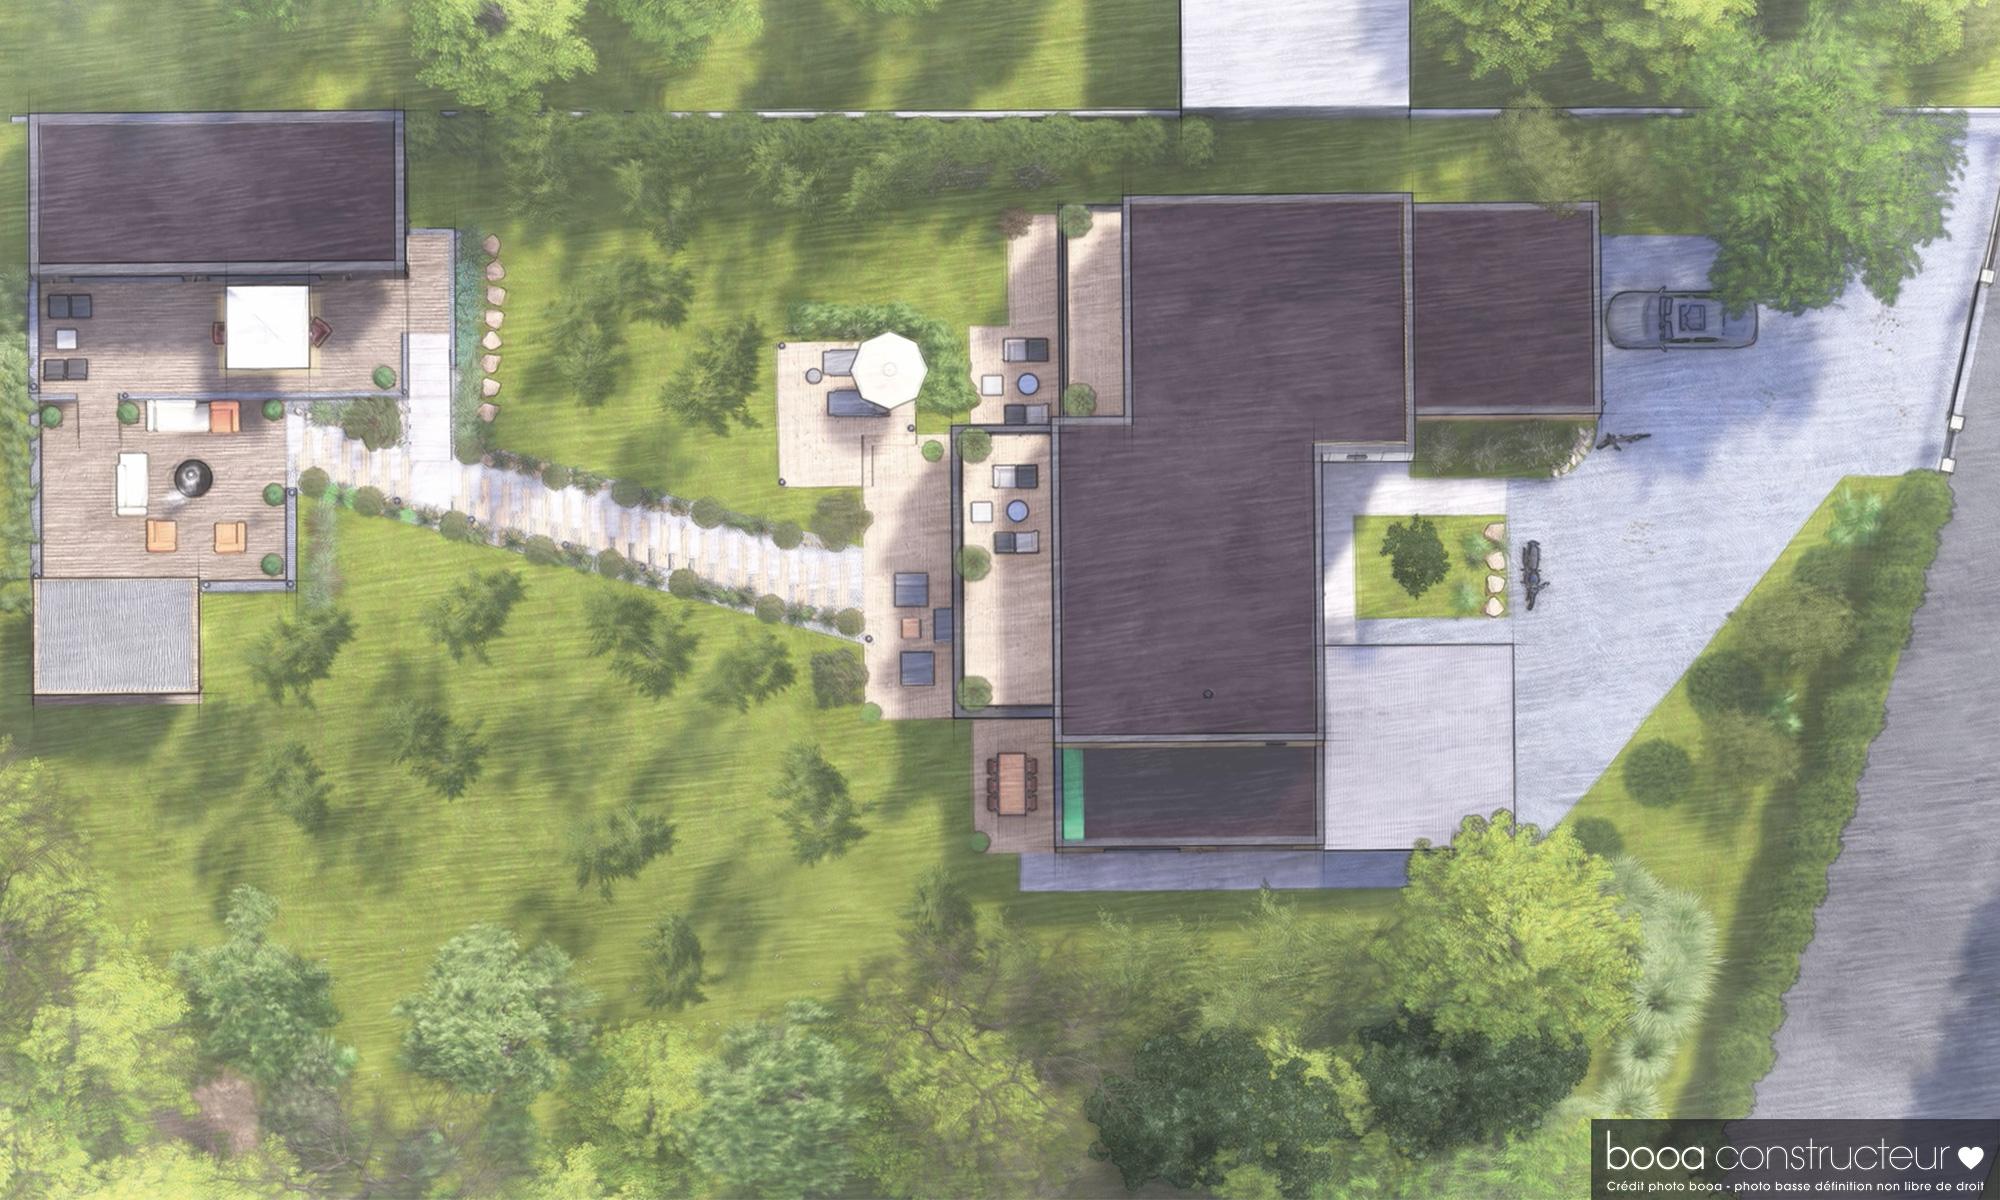 plan de masse de la maison